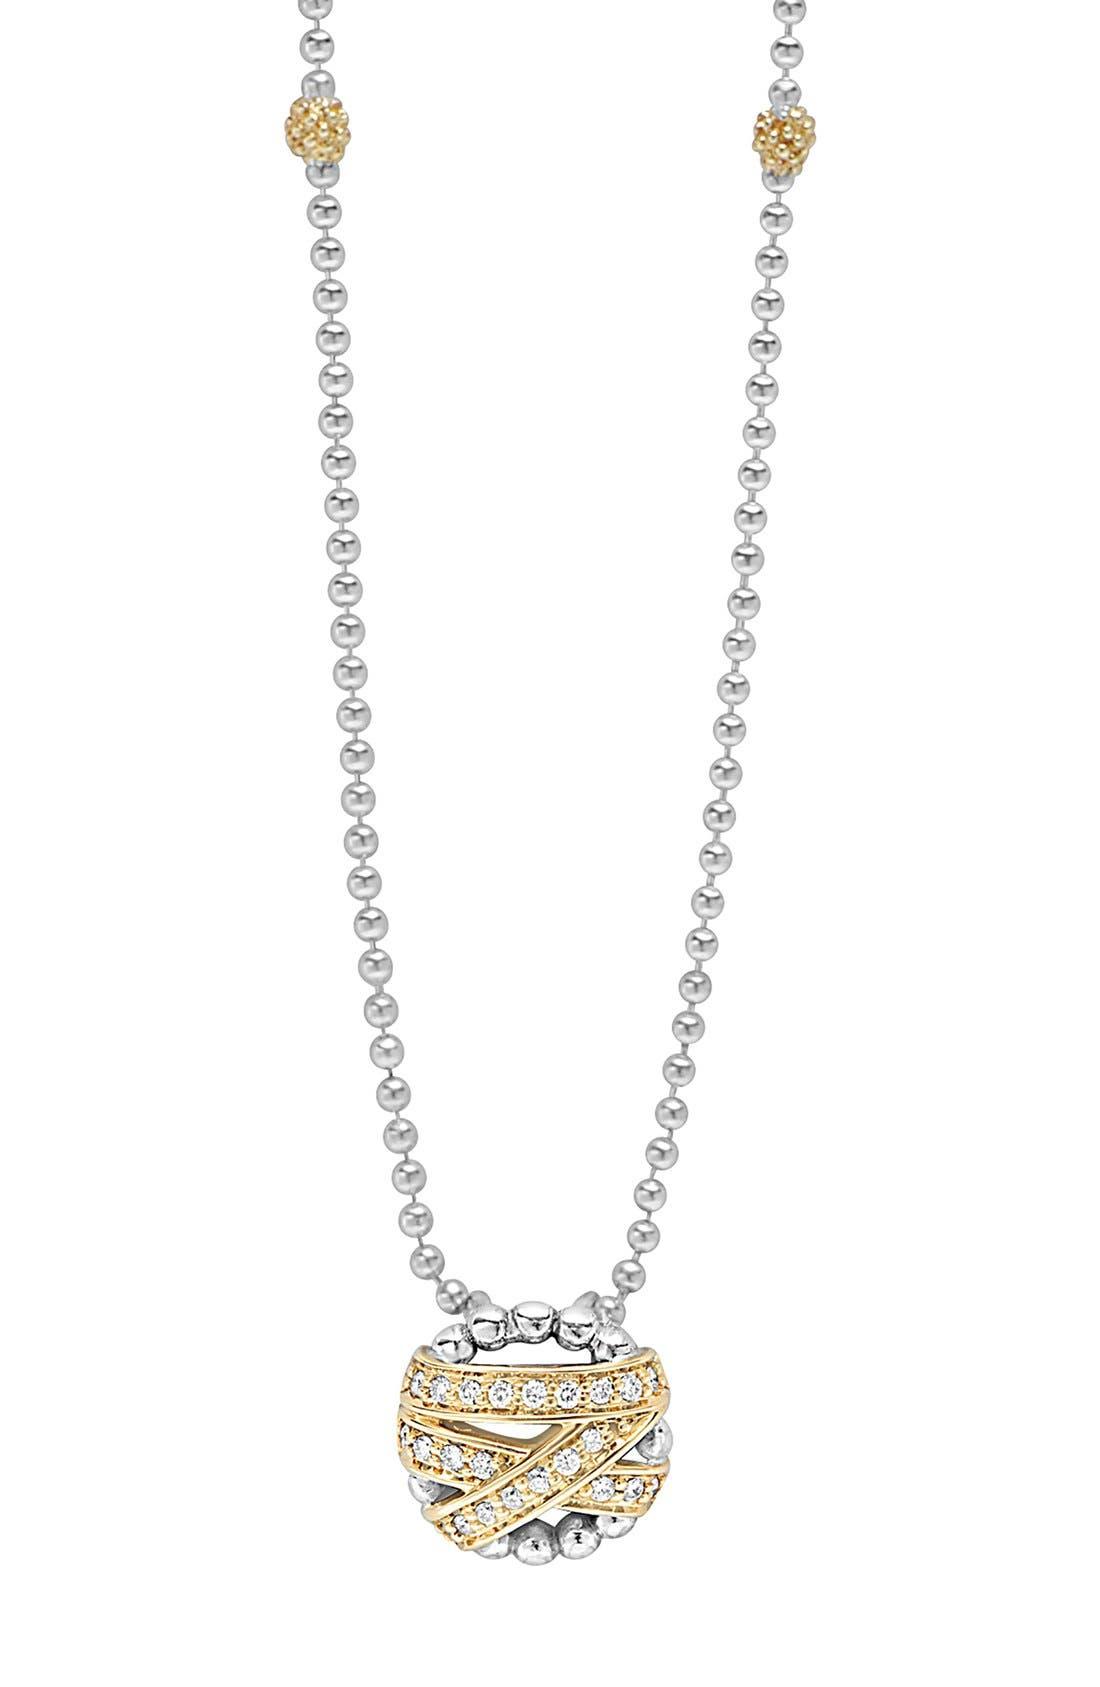 LAGOS 'Diamonds & Caviar' Pendant Necklace